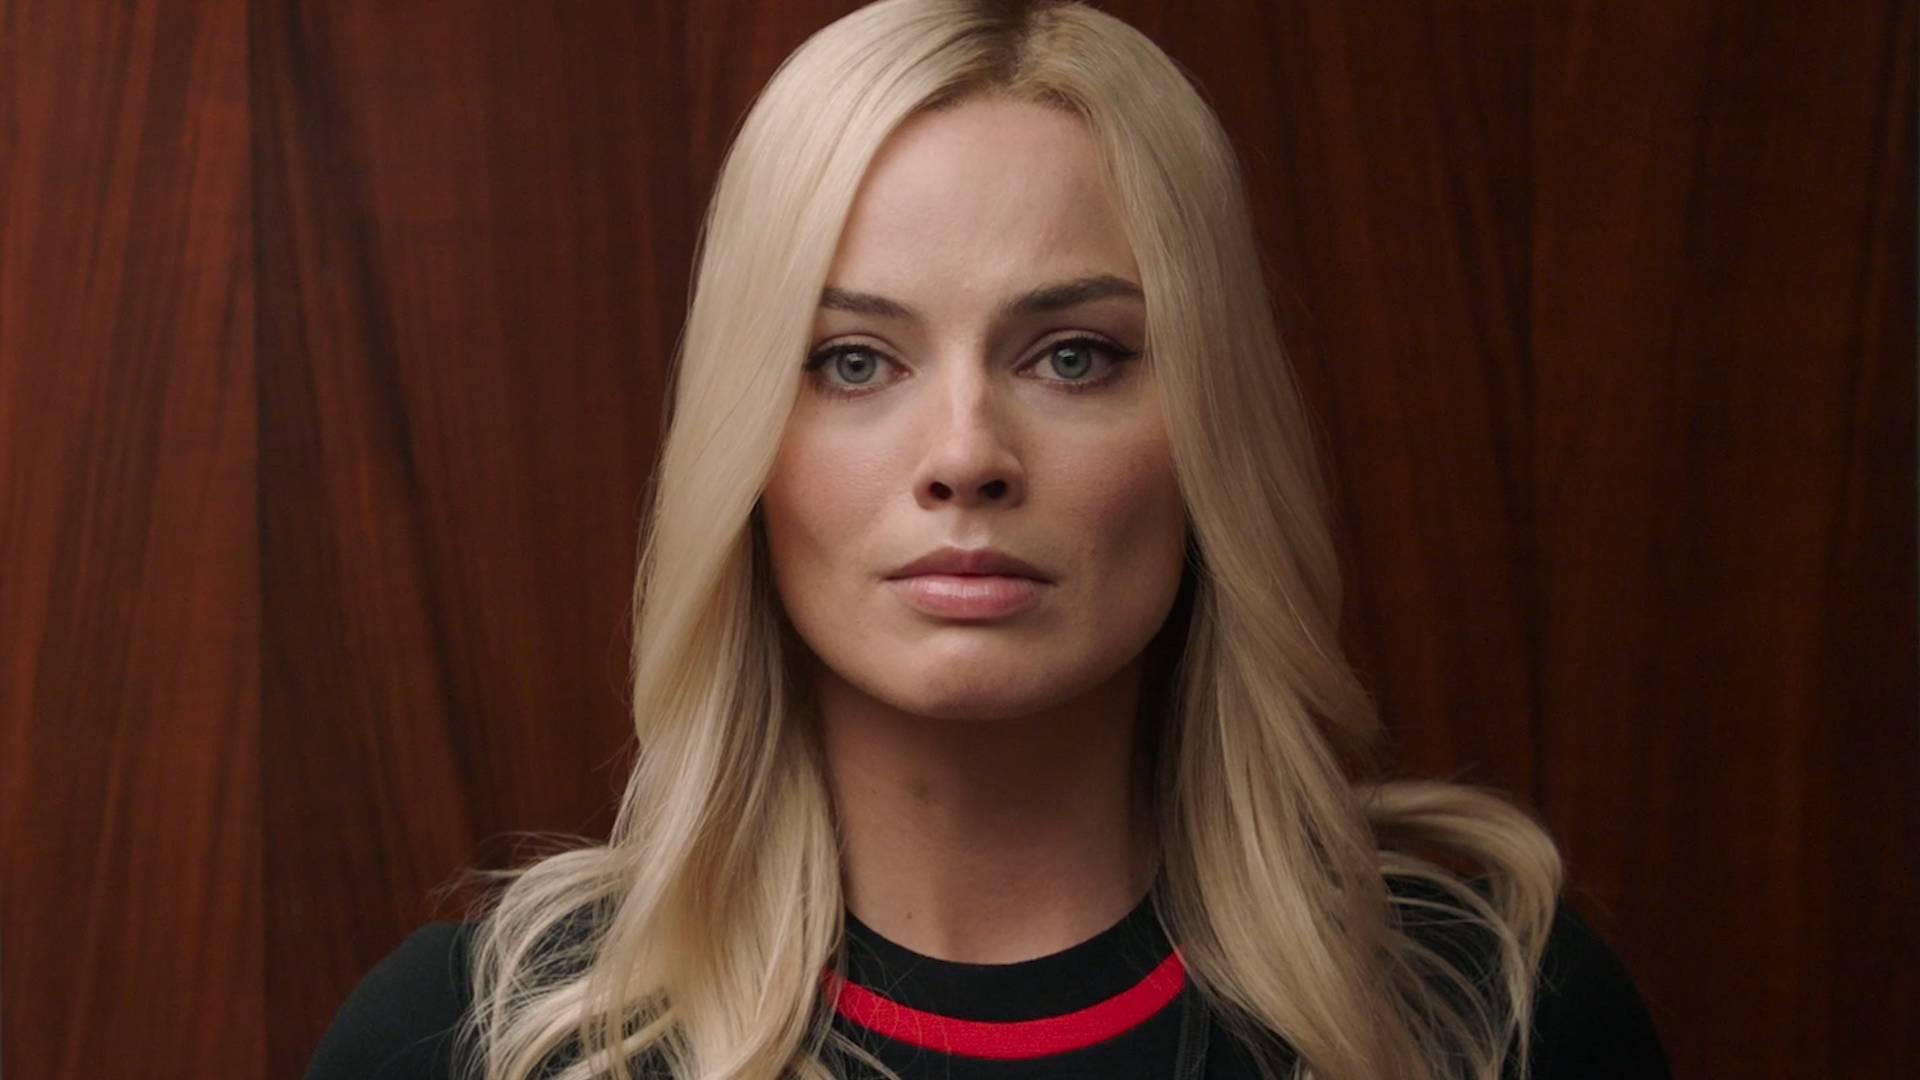 Todo mundo estranhou a aparência de Charlize Theron em trailer de 'O Escândalo'